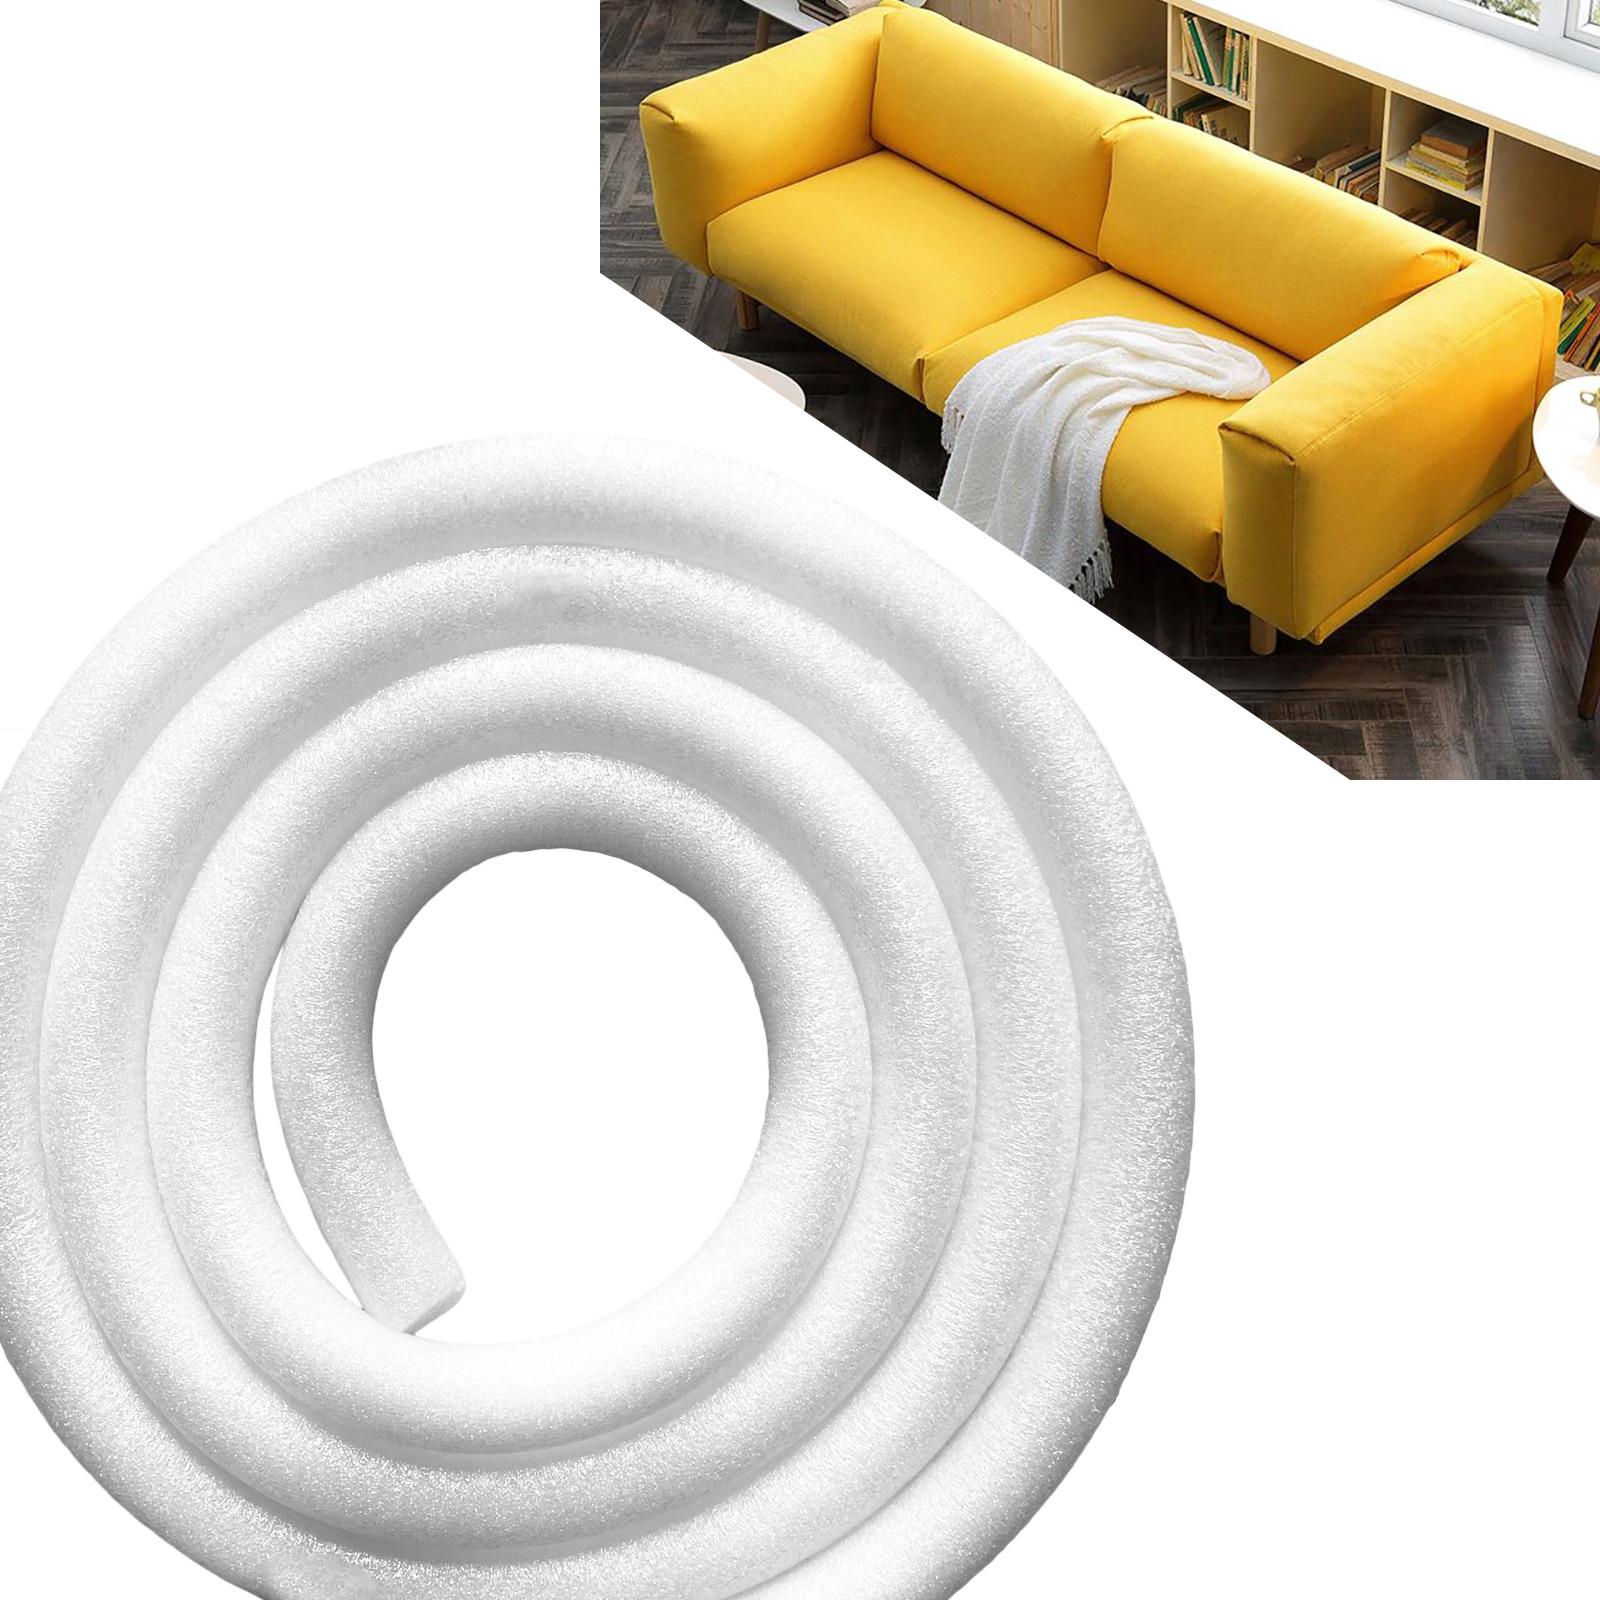 Противоскользящие чехлы для диванов, пенопластовые чехлы для диванов 3 м/5 м, чехлы для диванов, чехлы для диванов, пенопластовые палочки для ...